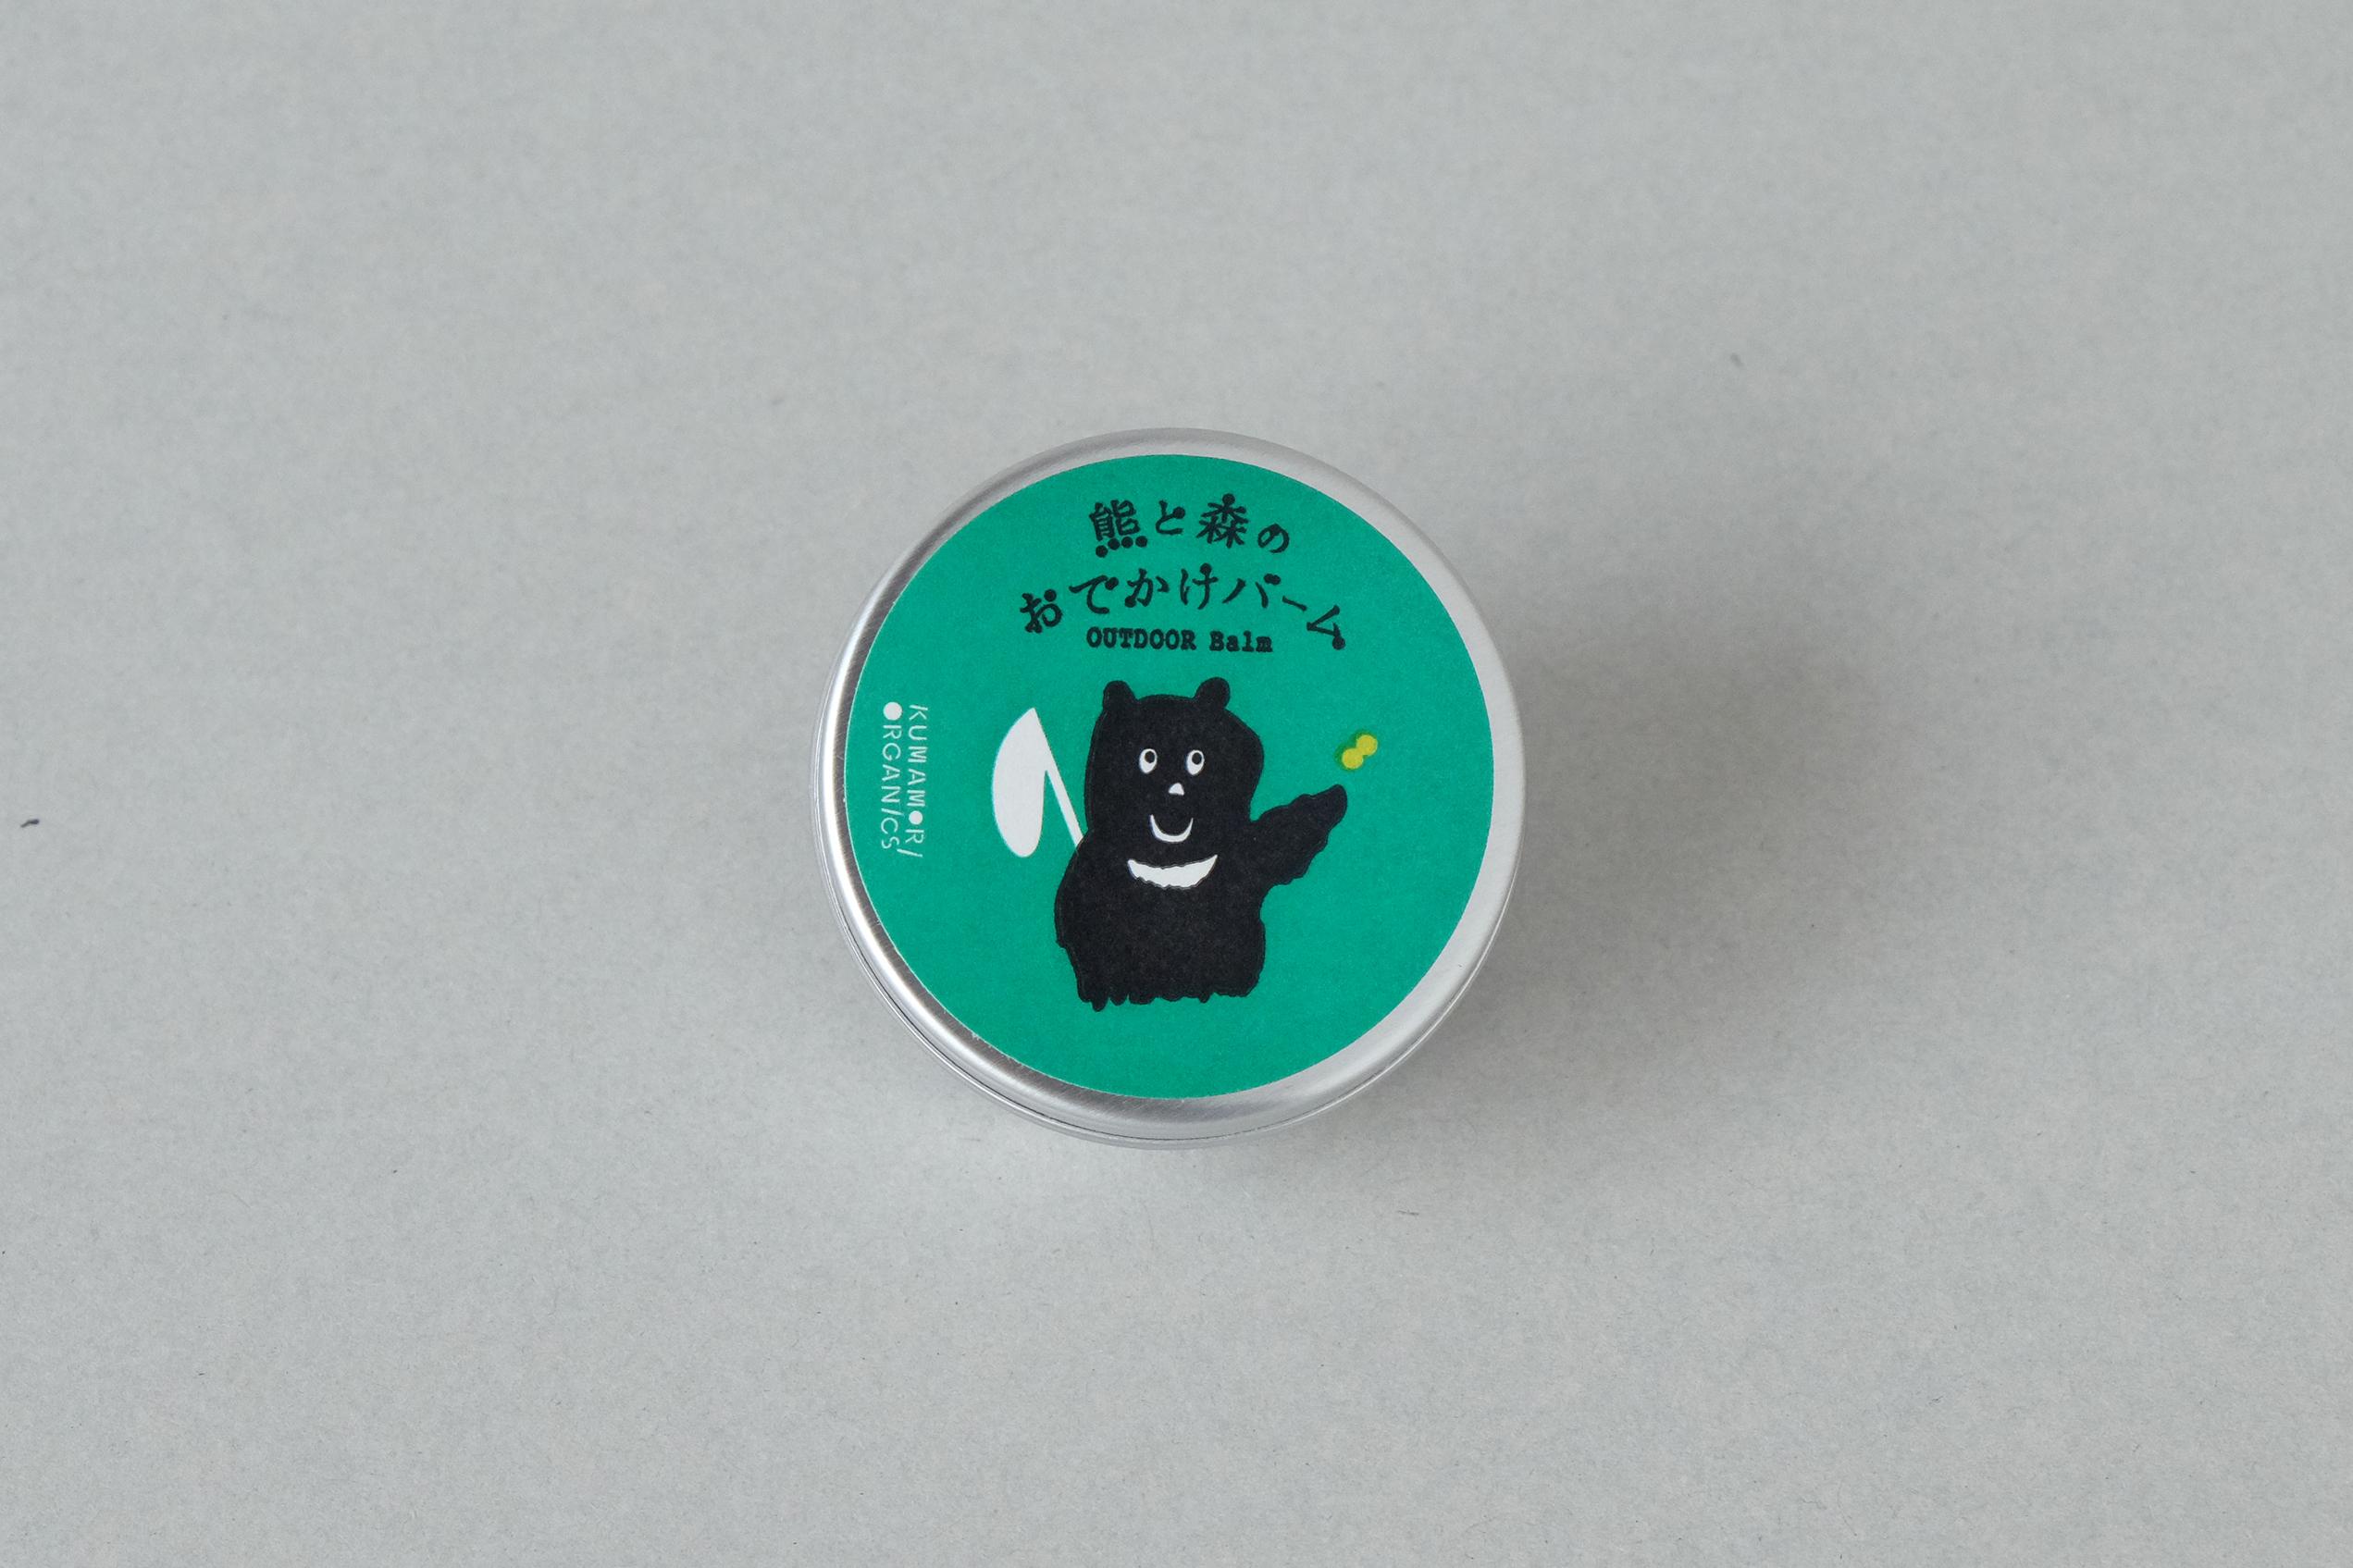 熊と森のおでかけ バーム   < 保湿 > 15g